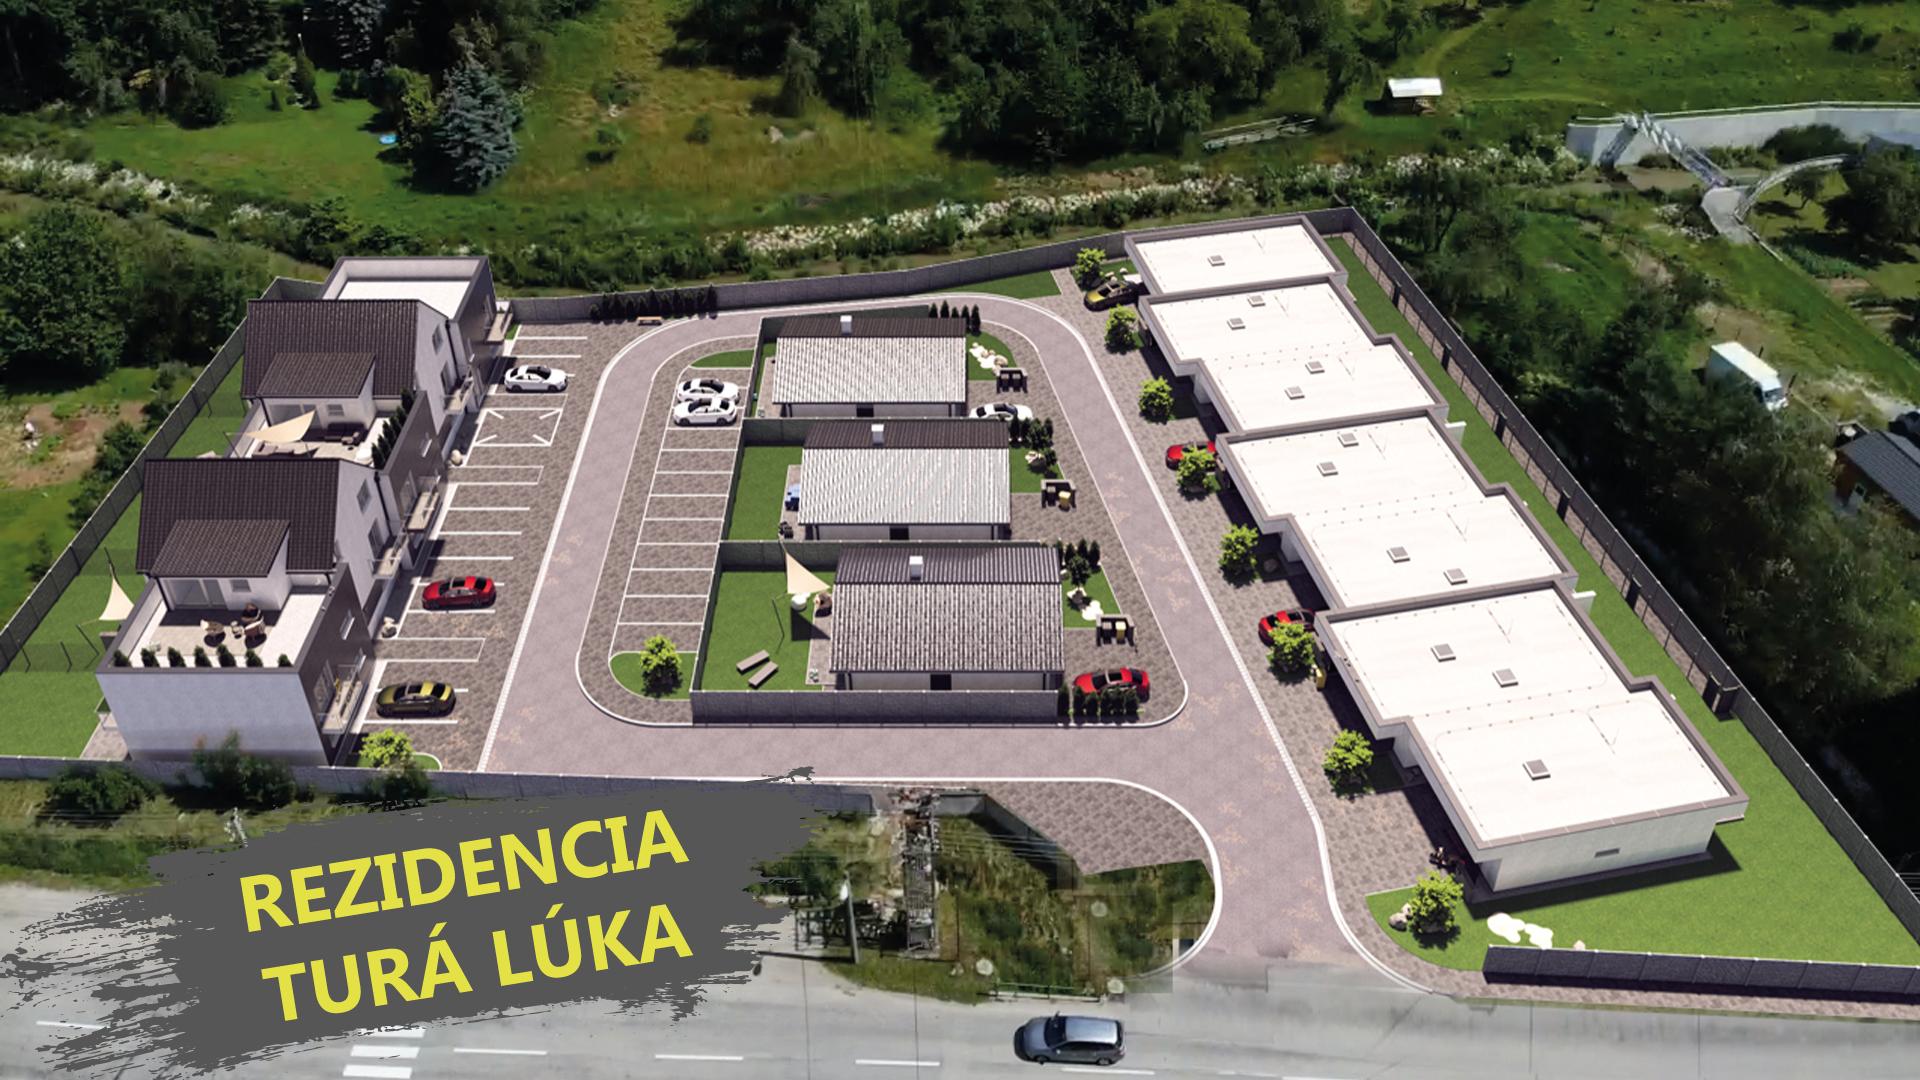 Rezidencia Tura Luka